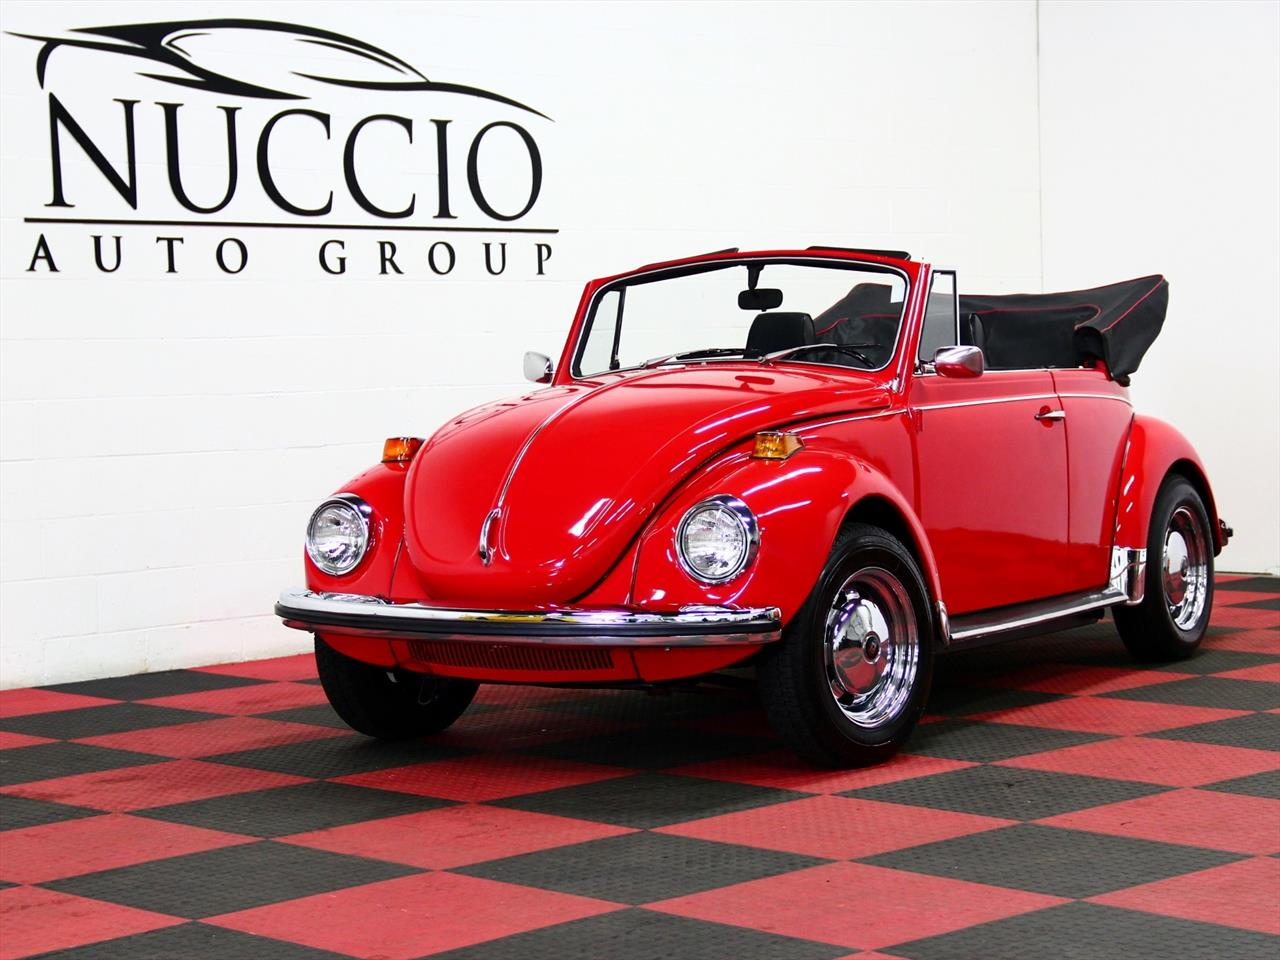 1971 Volkswagen Super Beetle Convertible